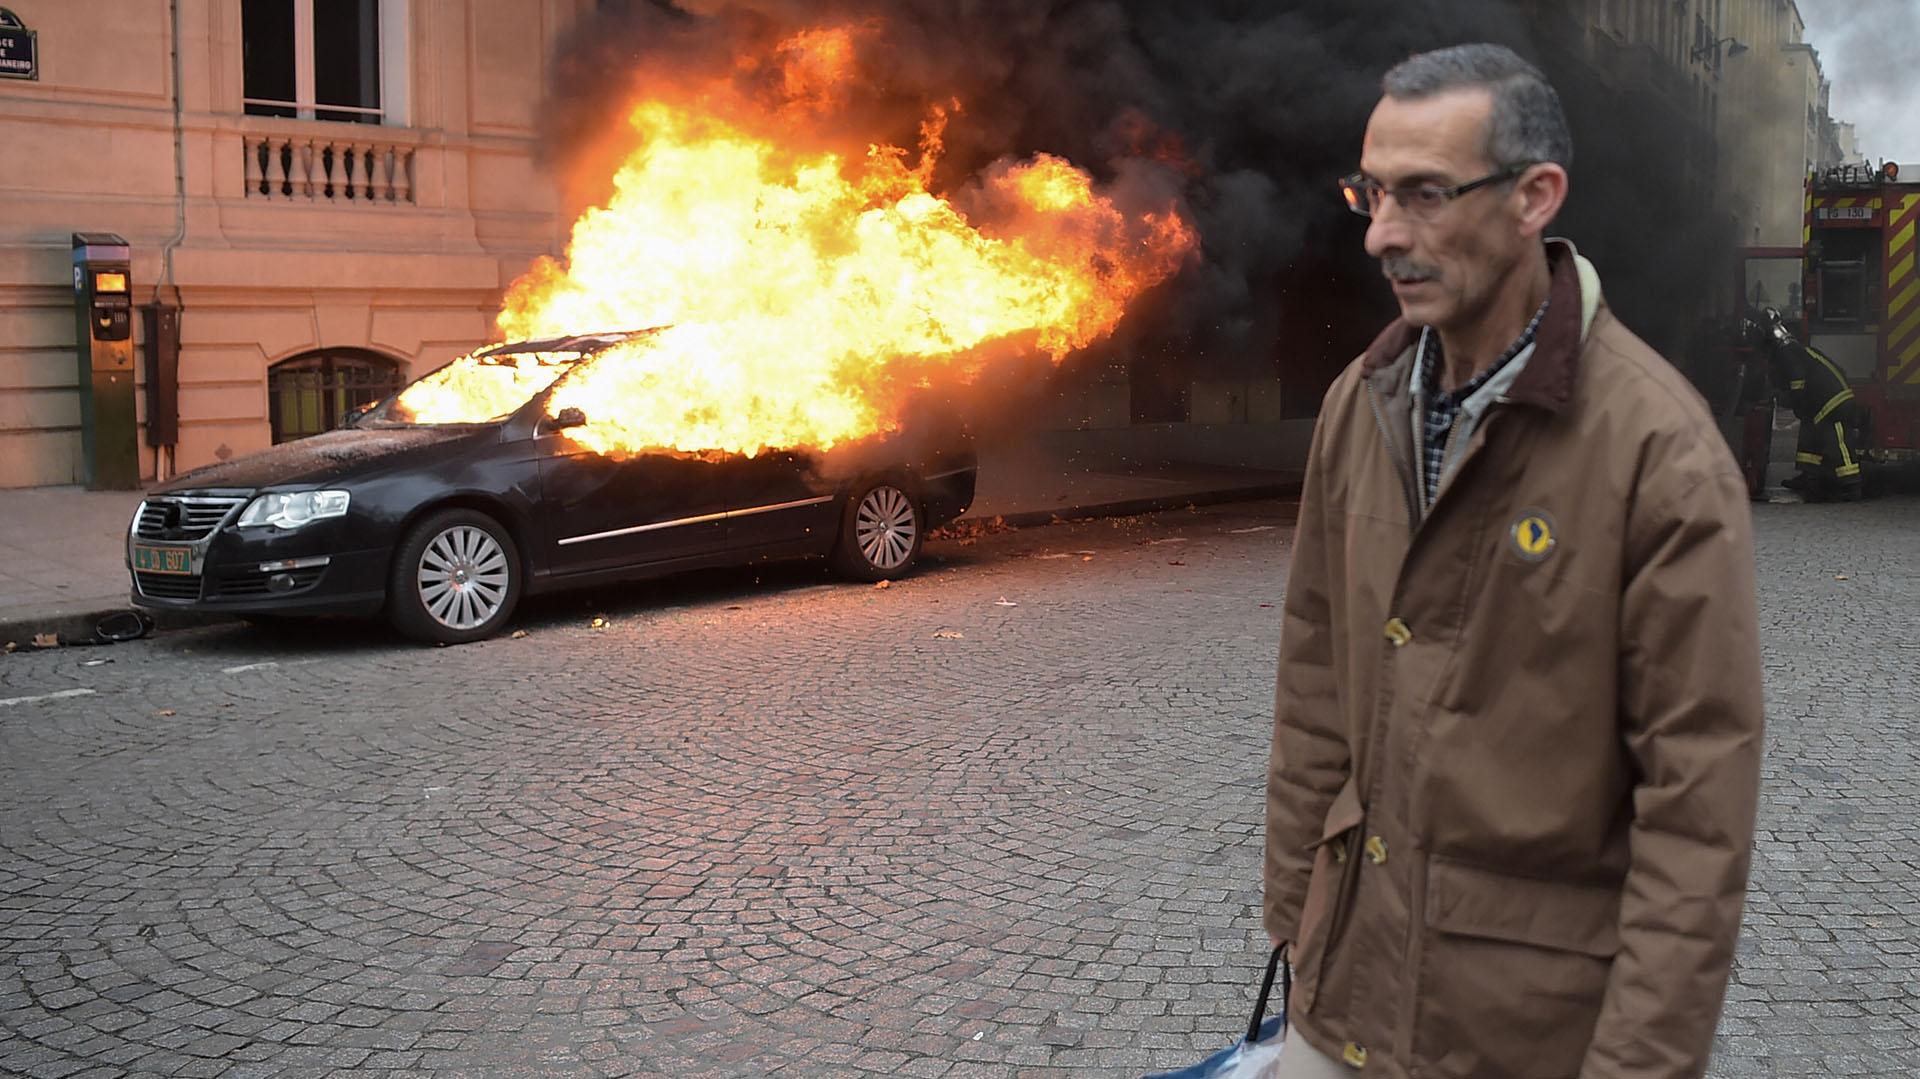 Un hombre camina entre los vehículos prendidos fuego (AFP)